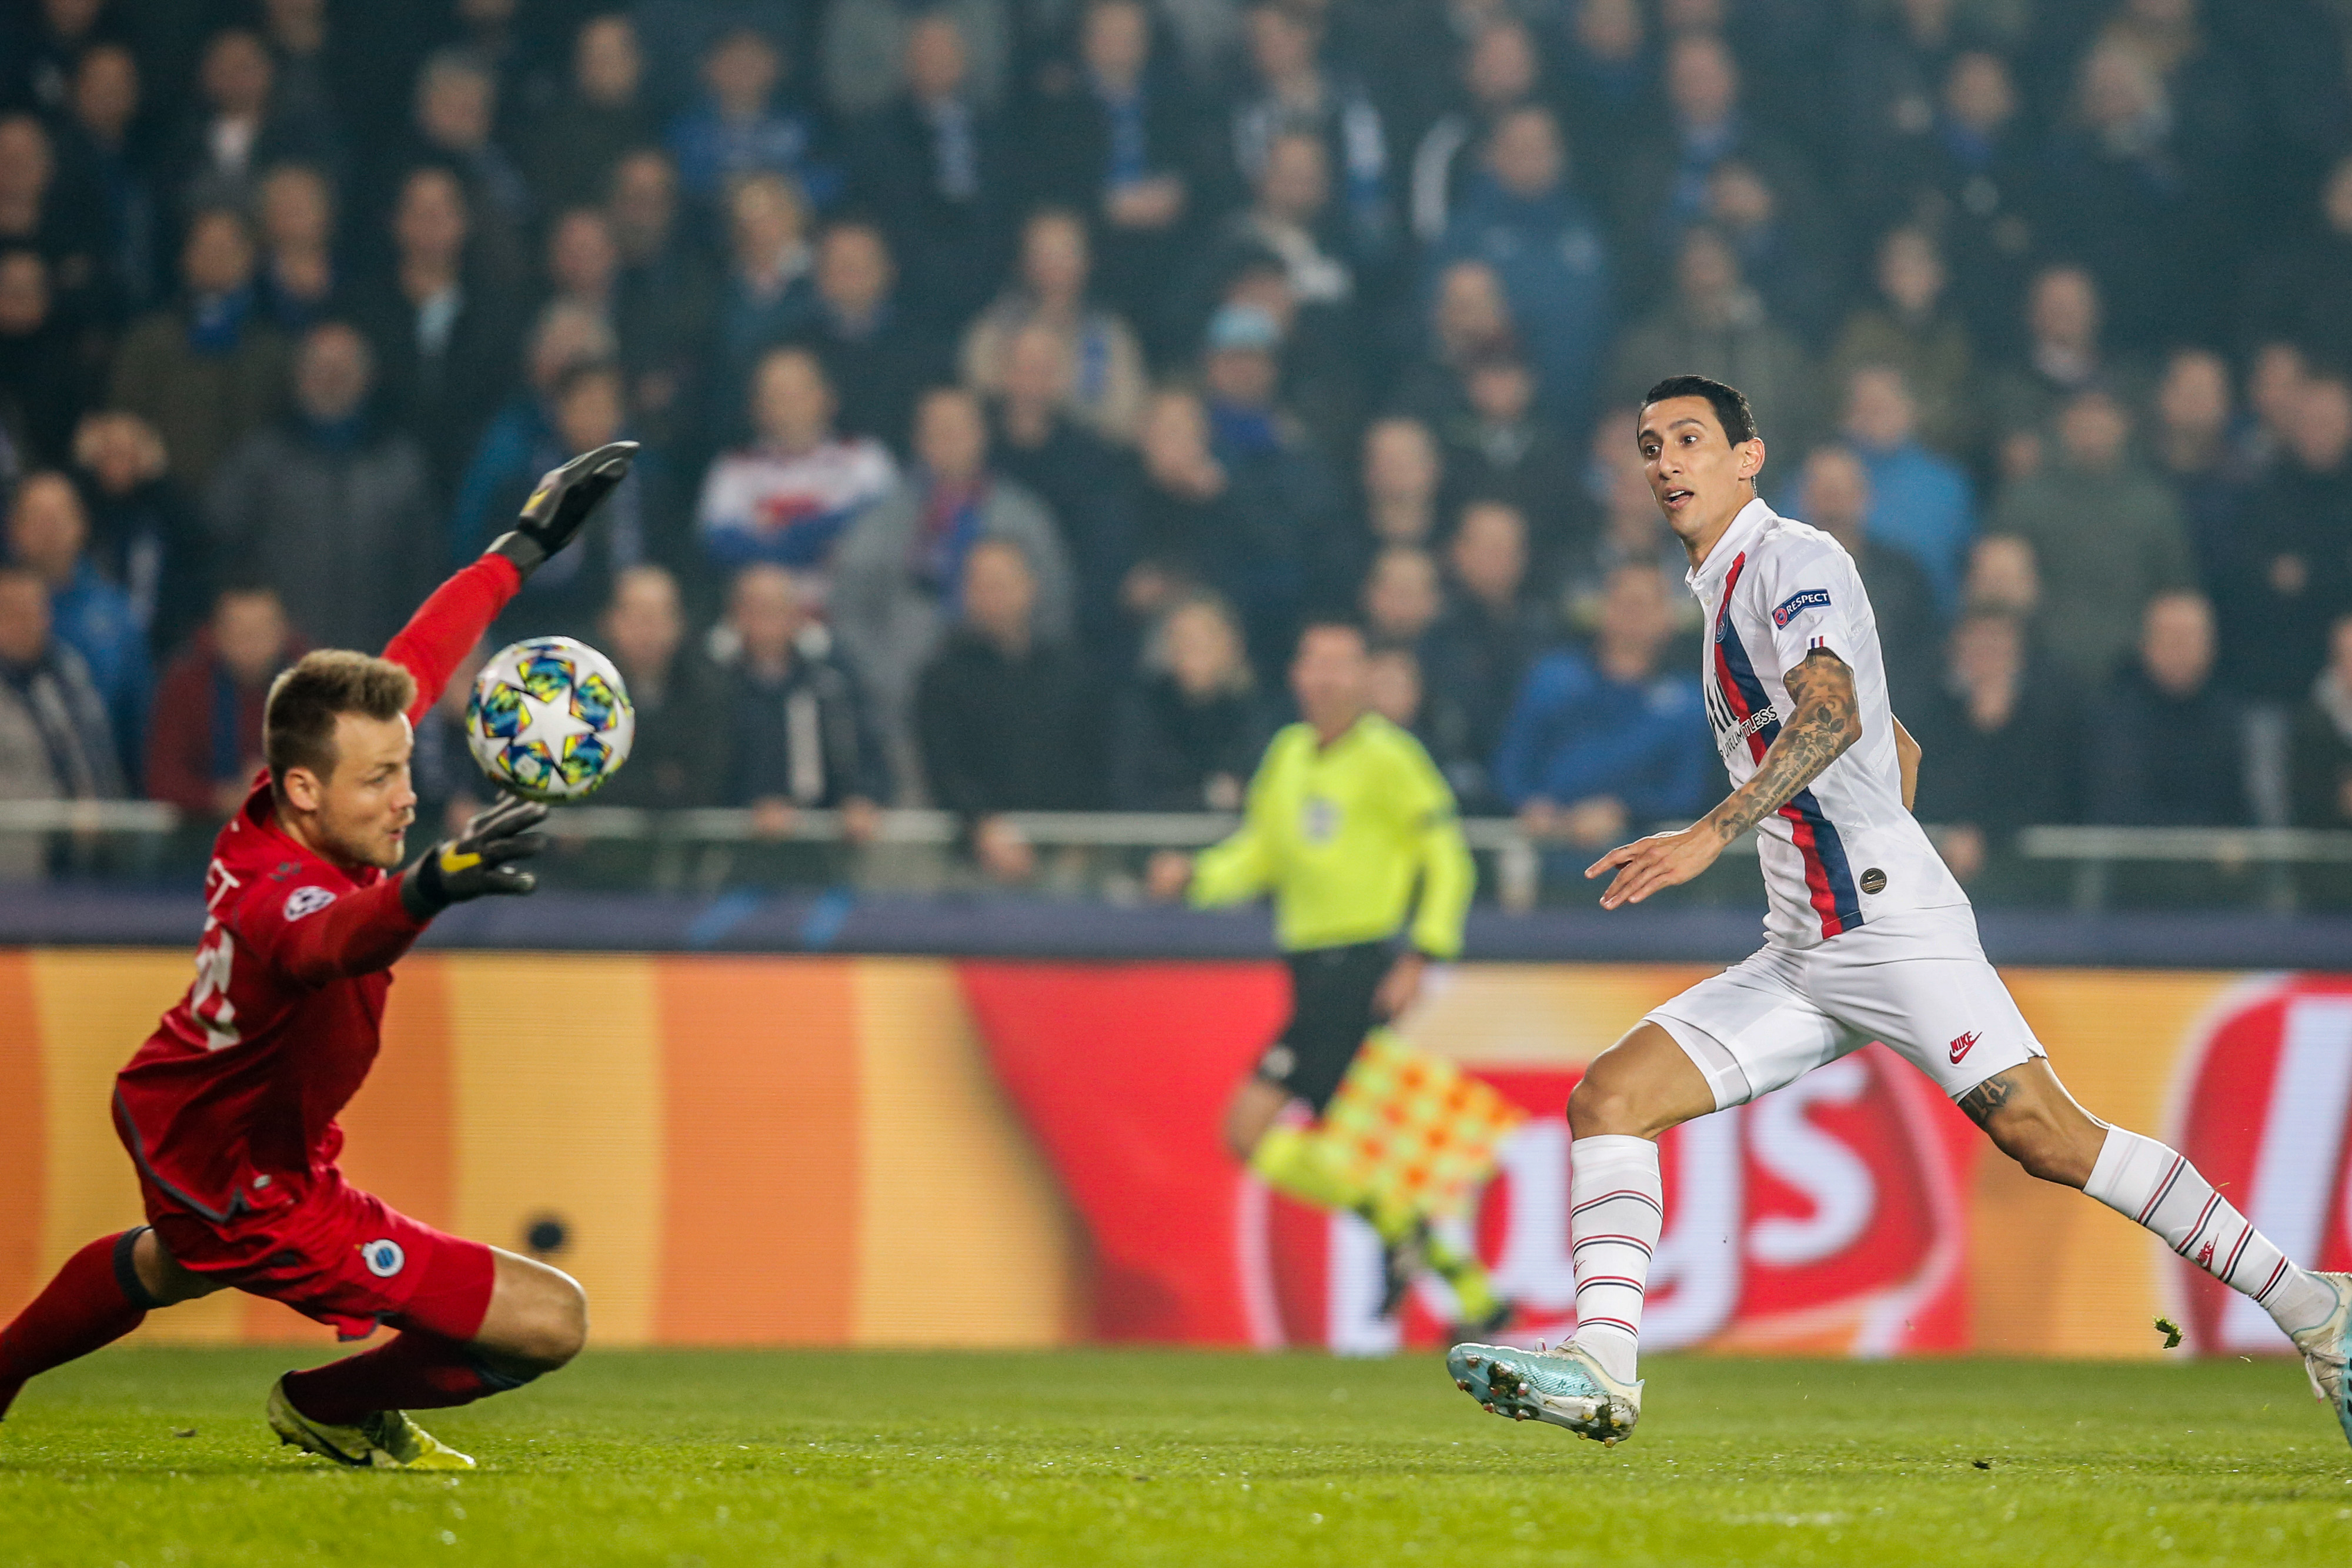 Bruges - PSG (0-5) - Le PSG poursuit son sans-faute avec un Mbappé en feu